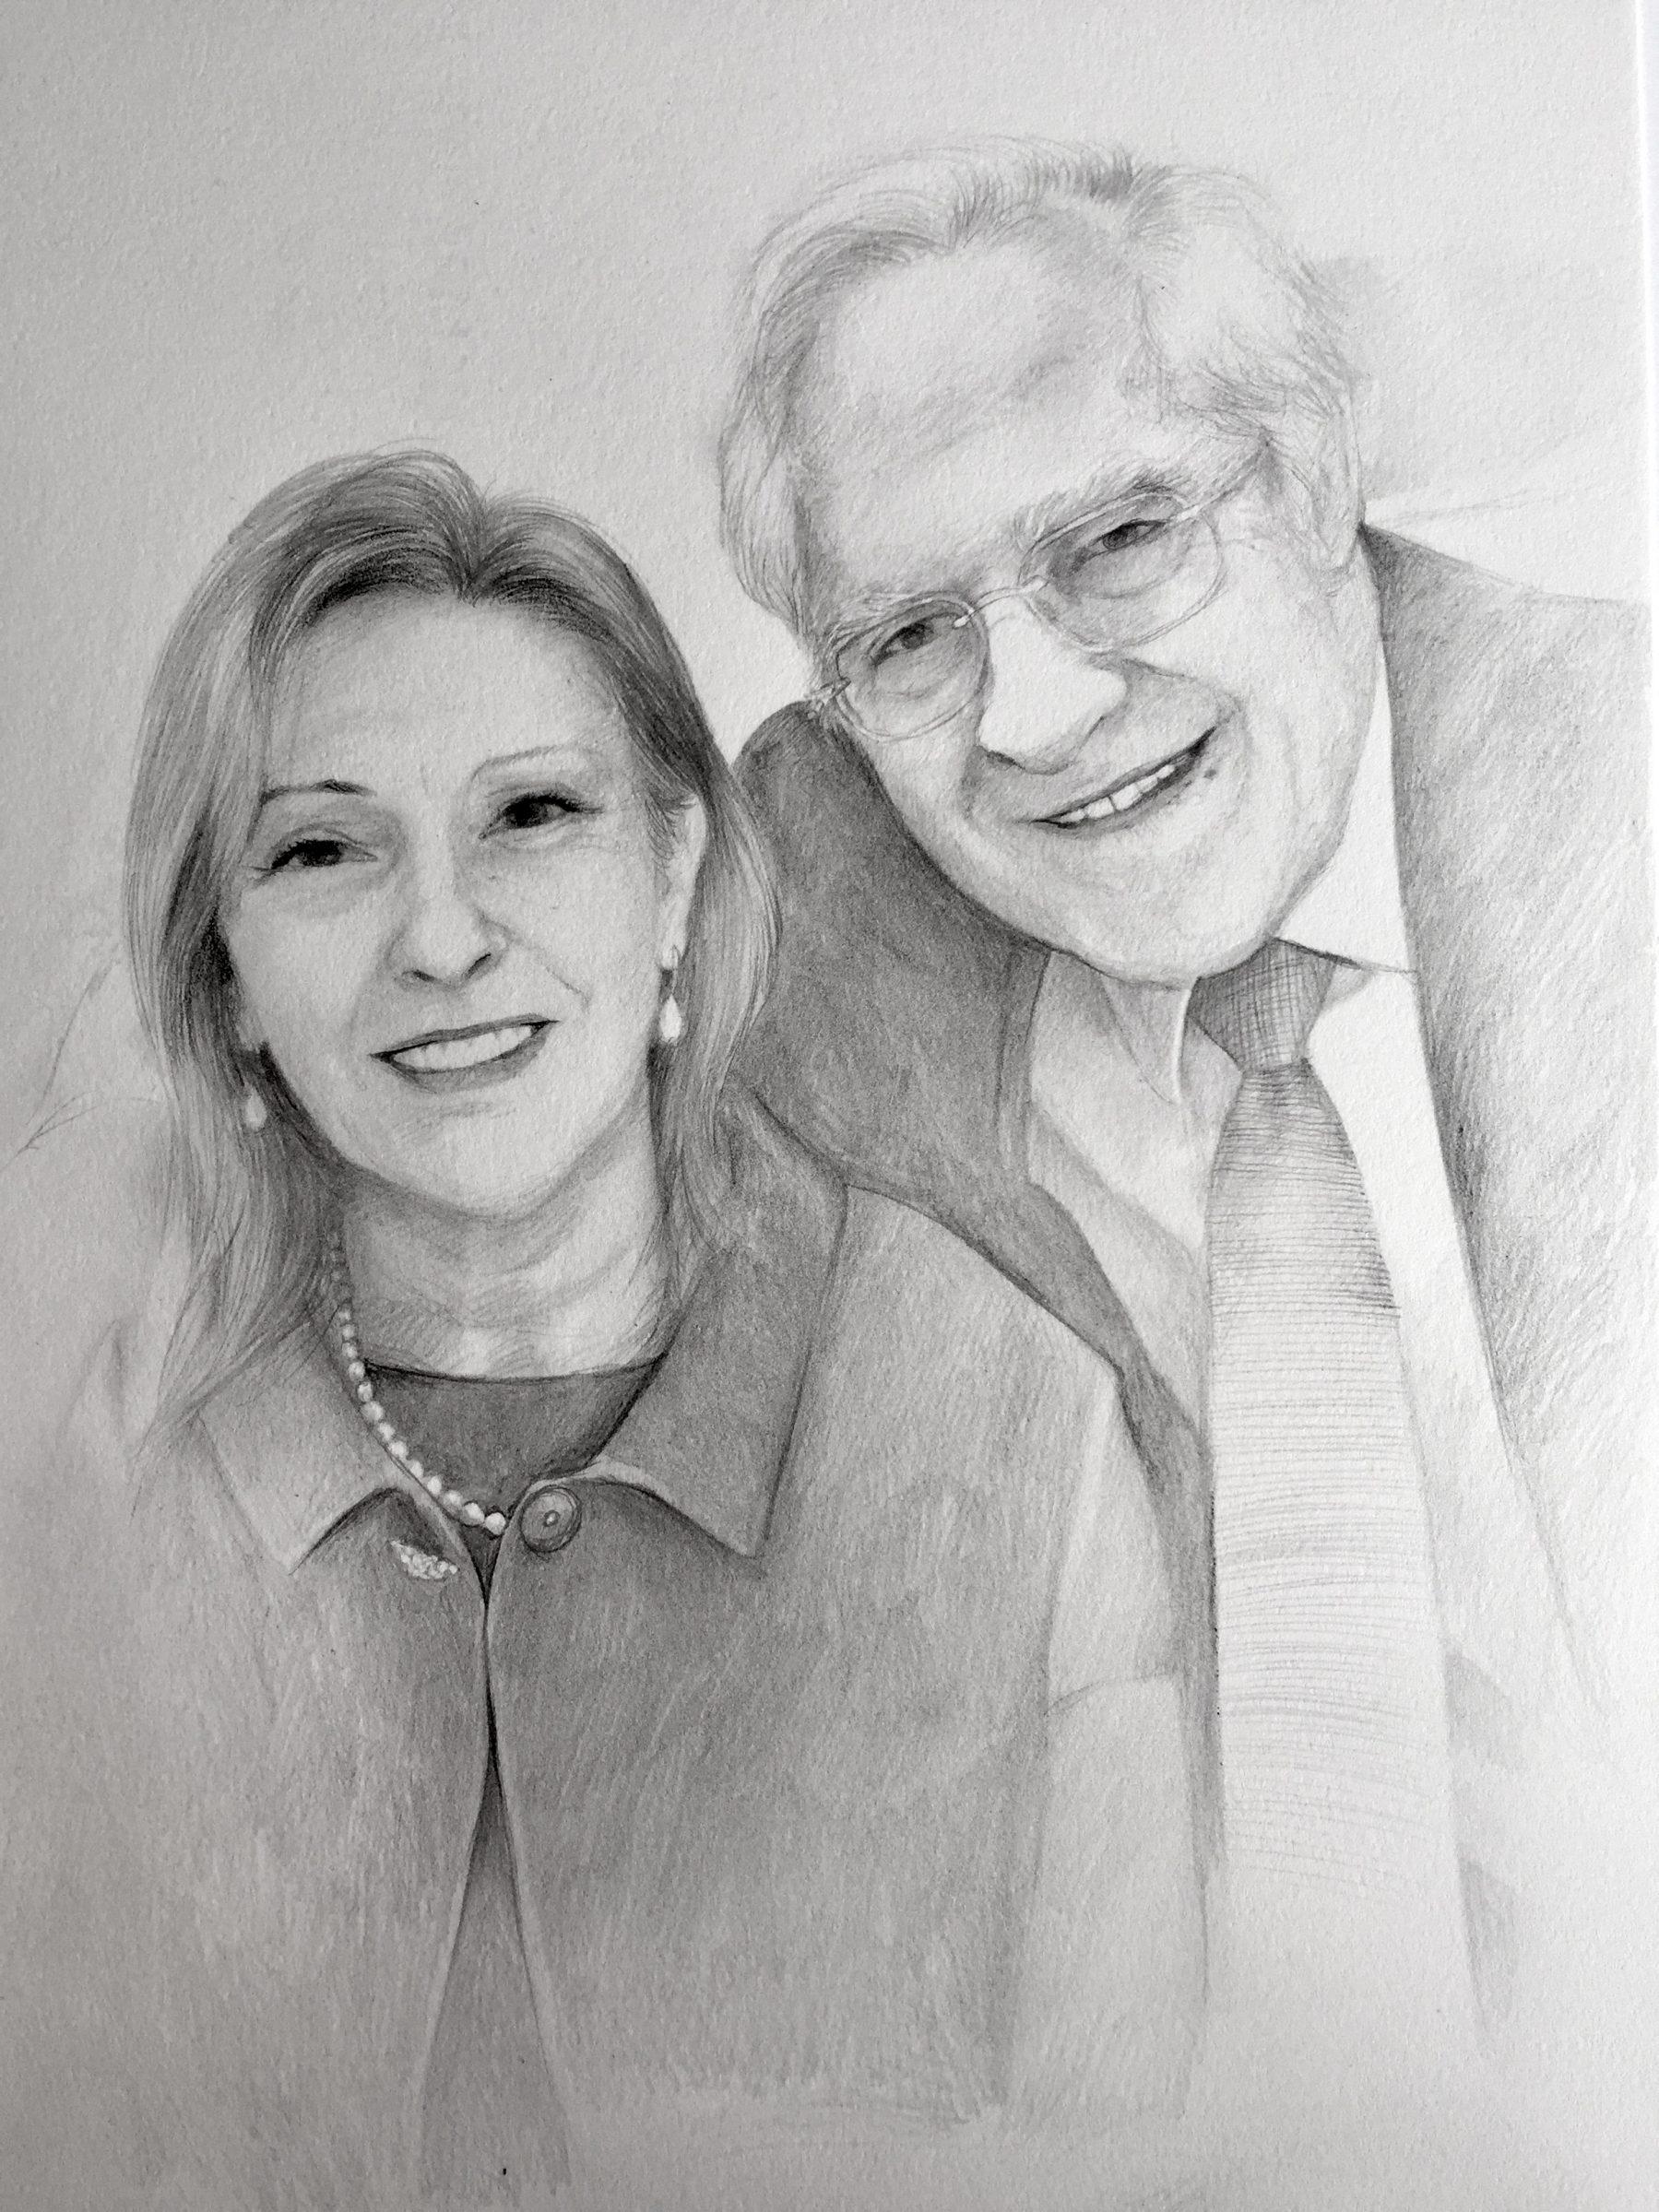 retratos-por-encargo-143-e1488841518804